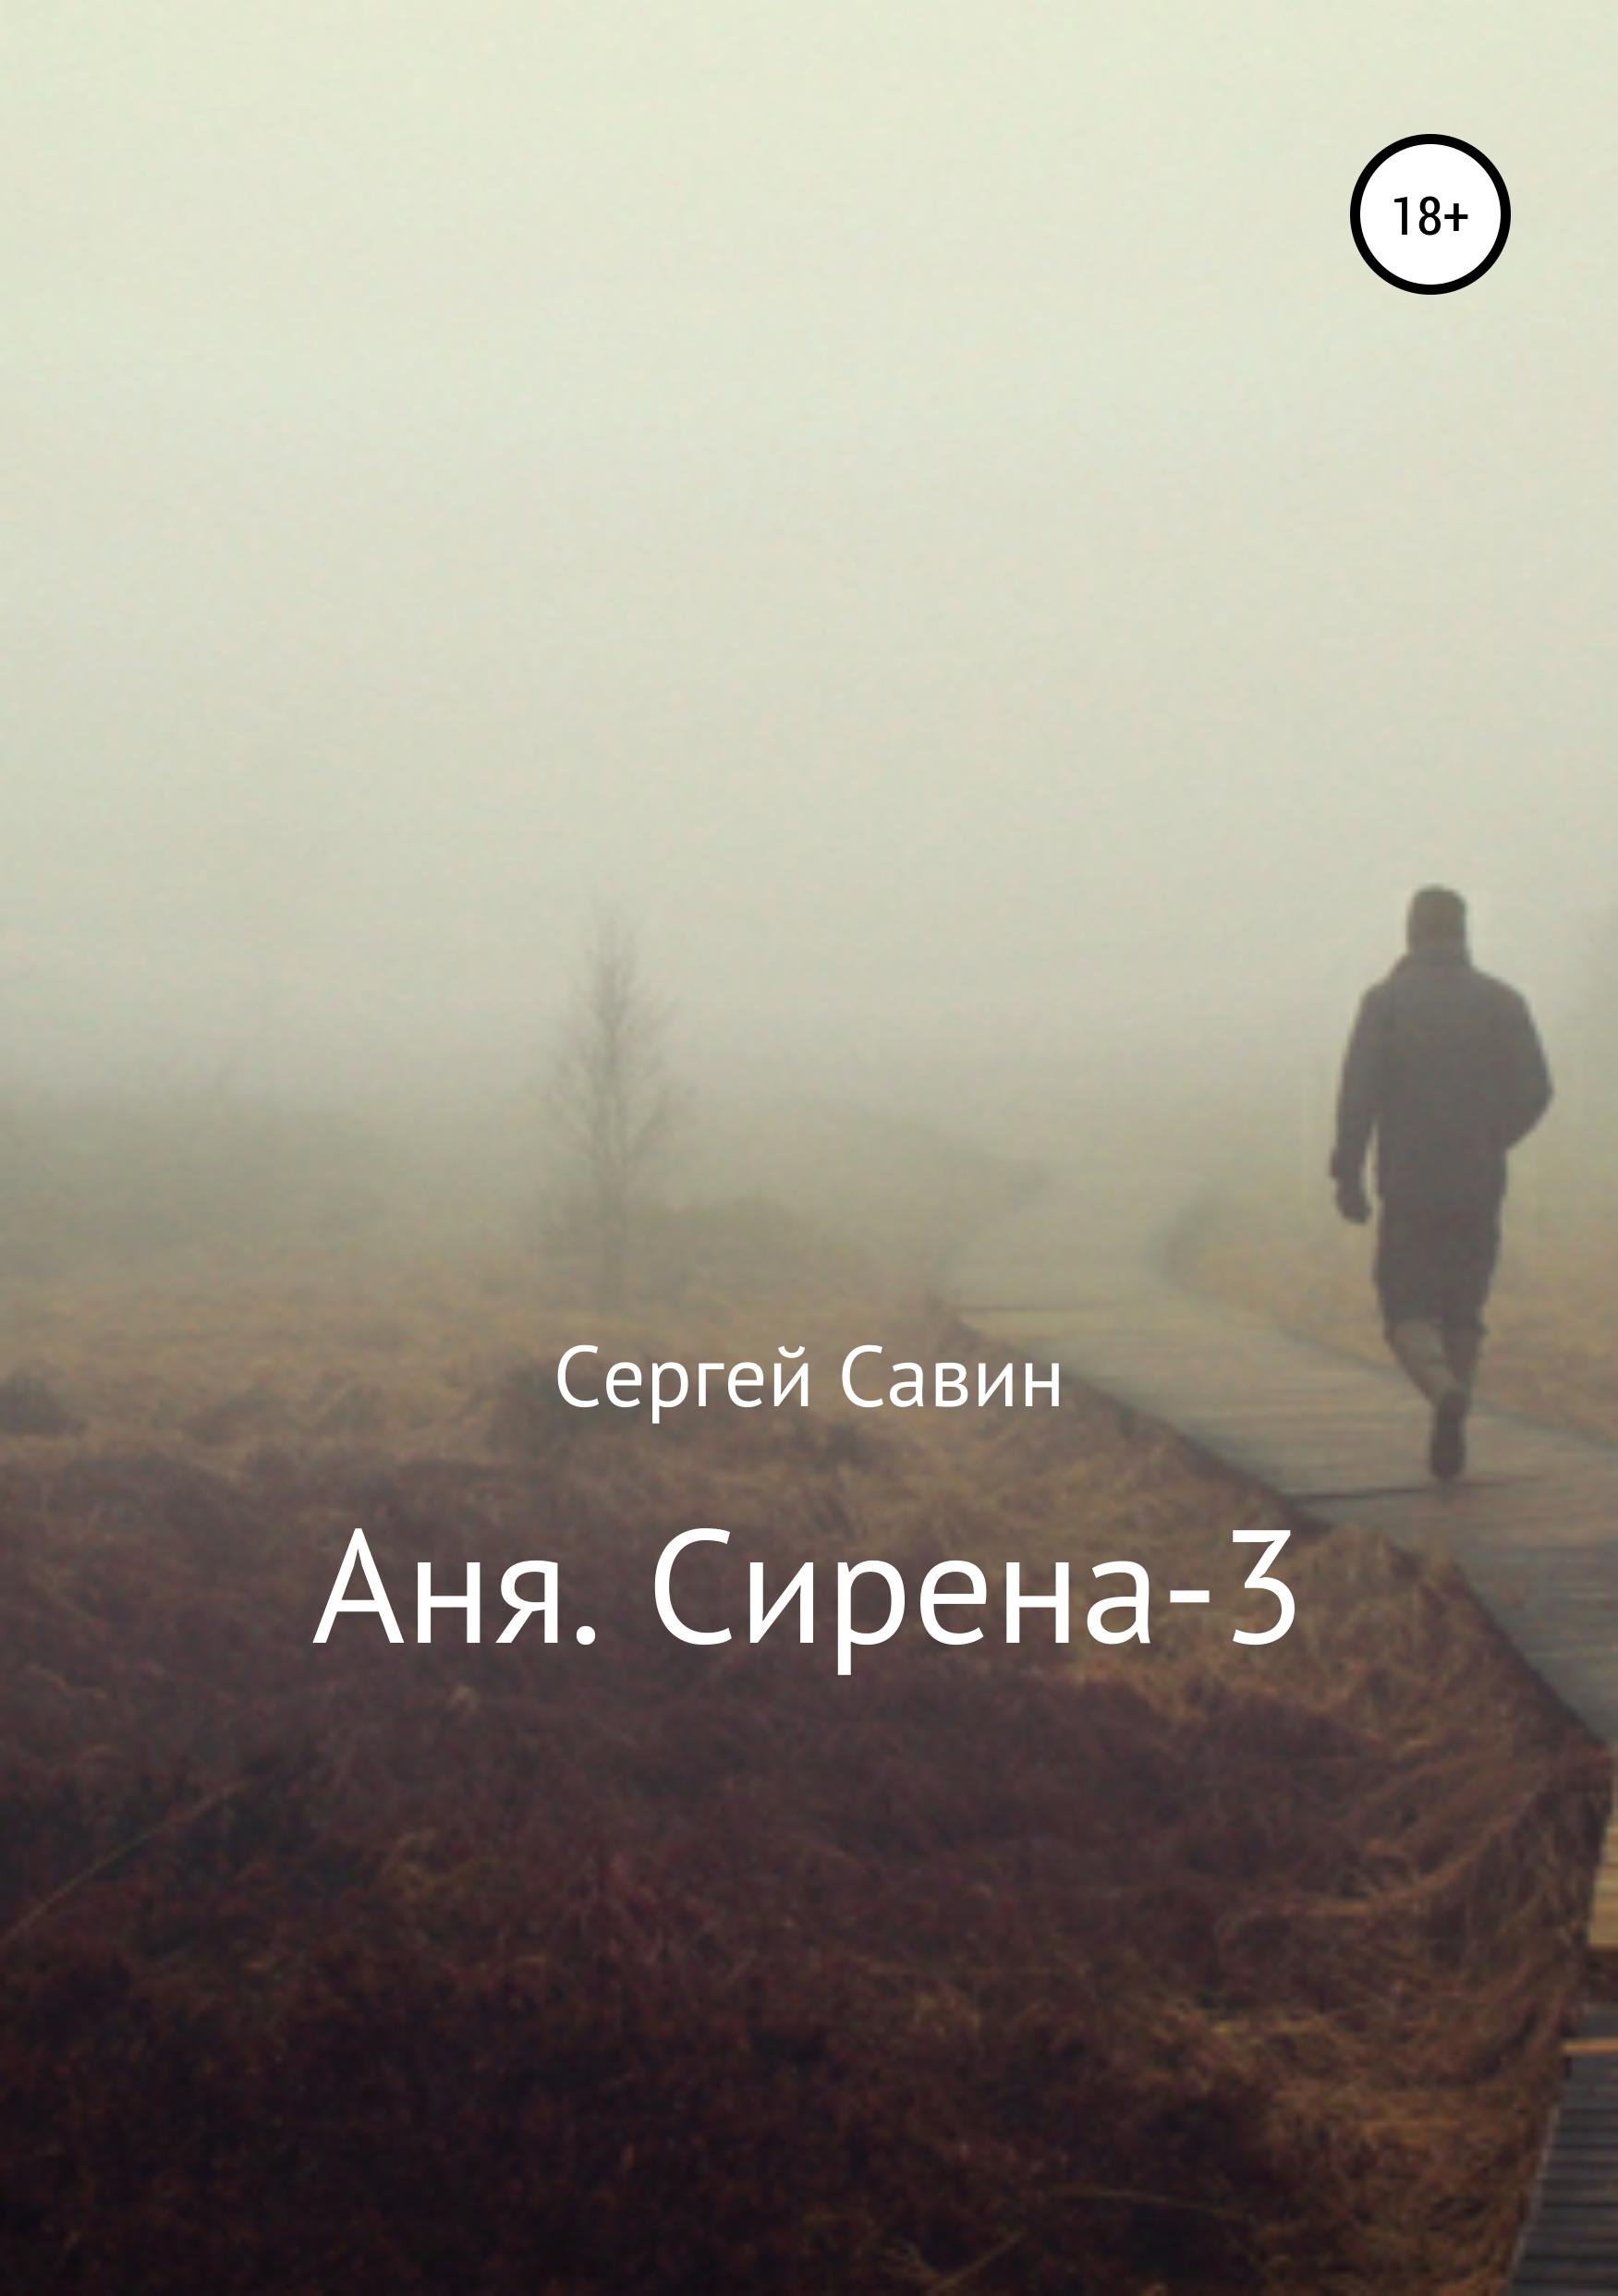 Сергей Савин Аня. Сирена-3 постапокалипсис список книг